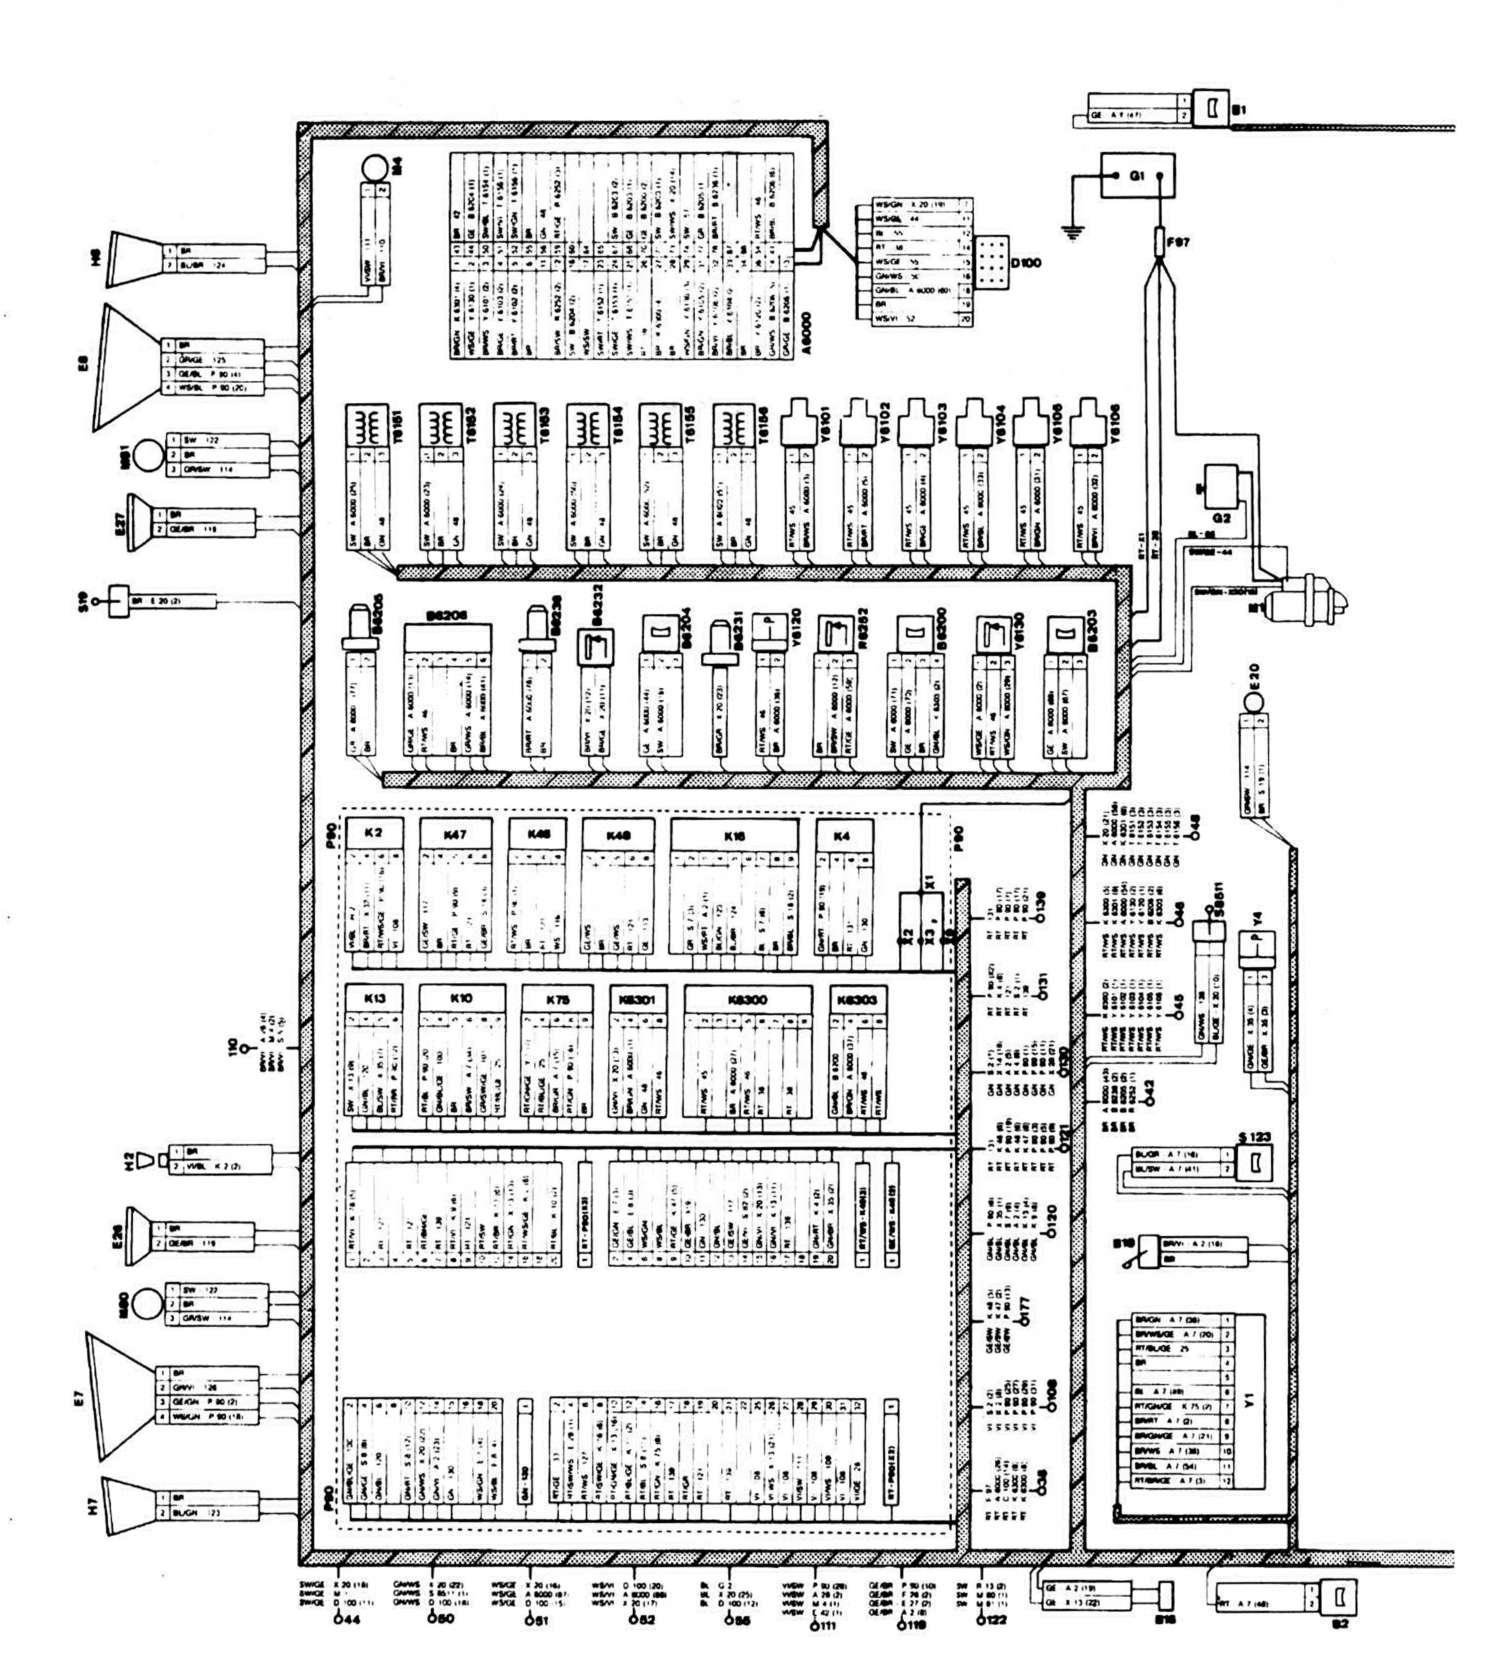 схема каробки передач бмв м 20